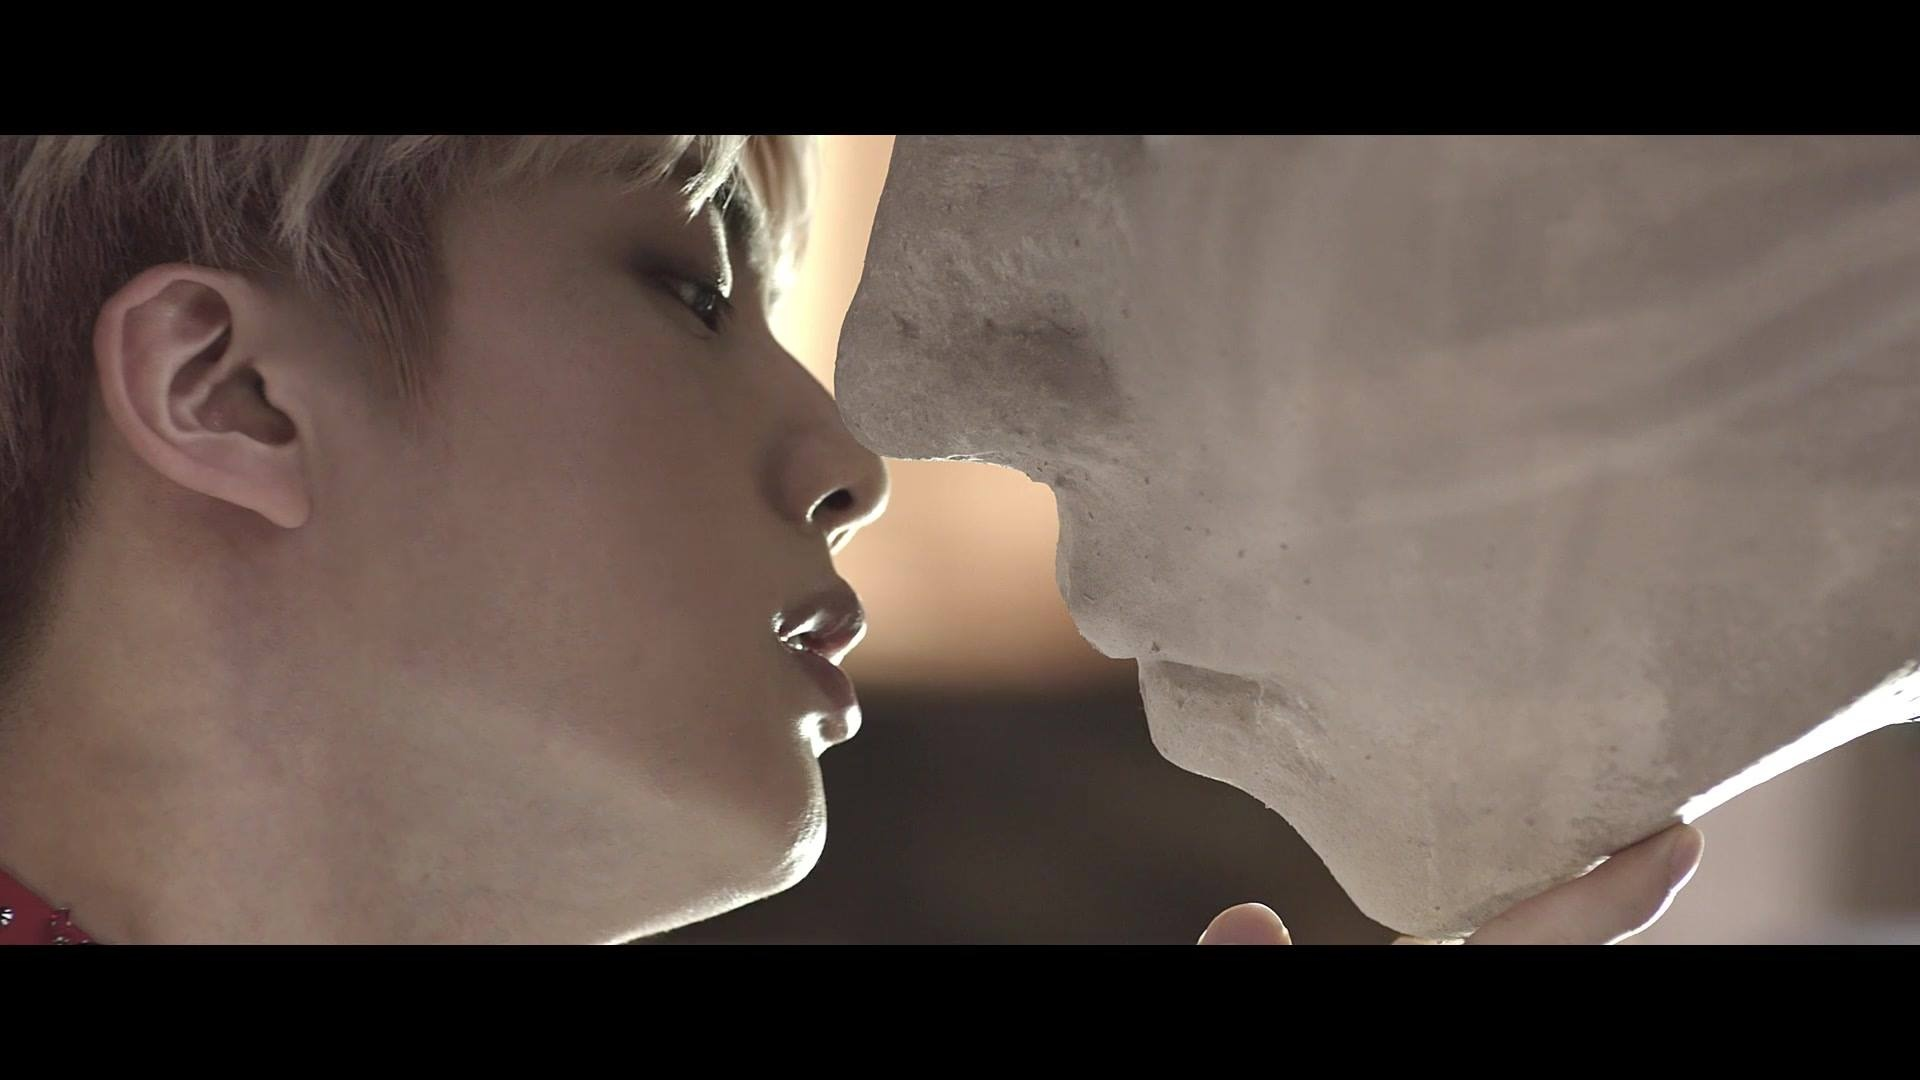 也有ARMY擔心石膏有沒有消毒後再親XDDD Jin親吻雕像那幕,也讓人想到了2011年的波蘭電影<自殺空間>,男主角同樣也親吻了男性石膏像